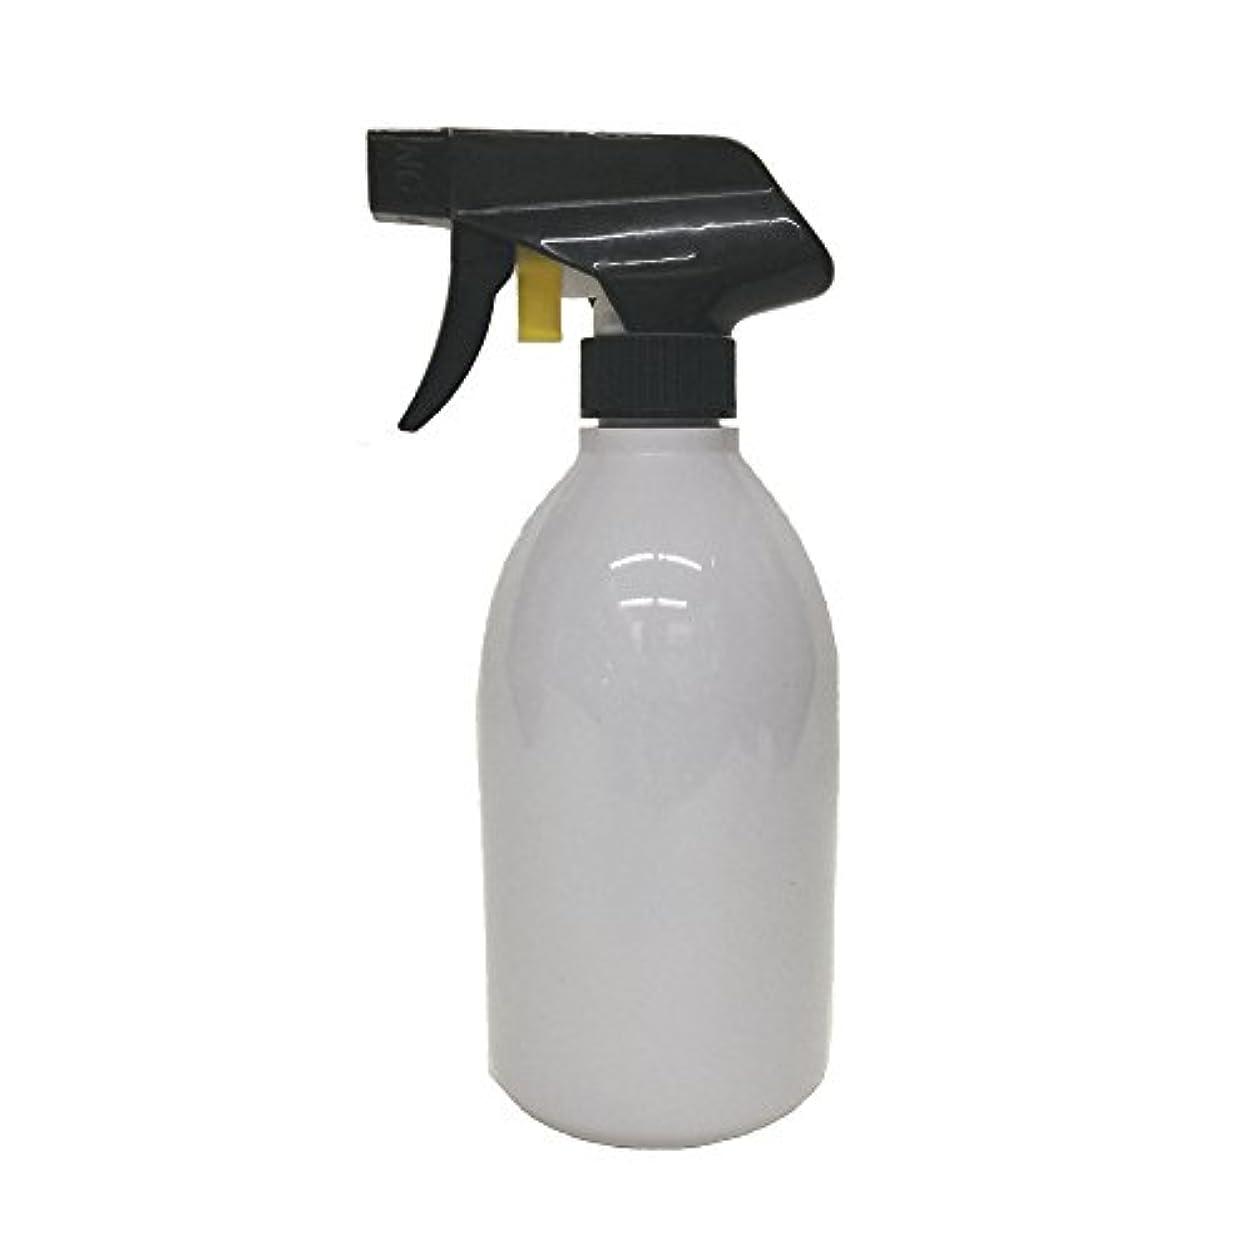 ボイコットテープ聴覚障害者Bottle.S-BL(ブラック)MIST(霧スプレー)[/霧タイプ?スプレーボトル黒